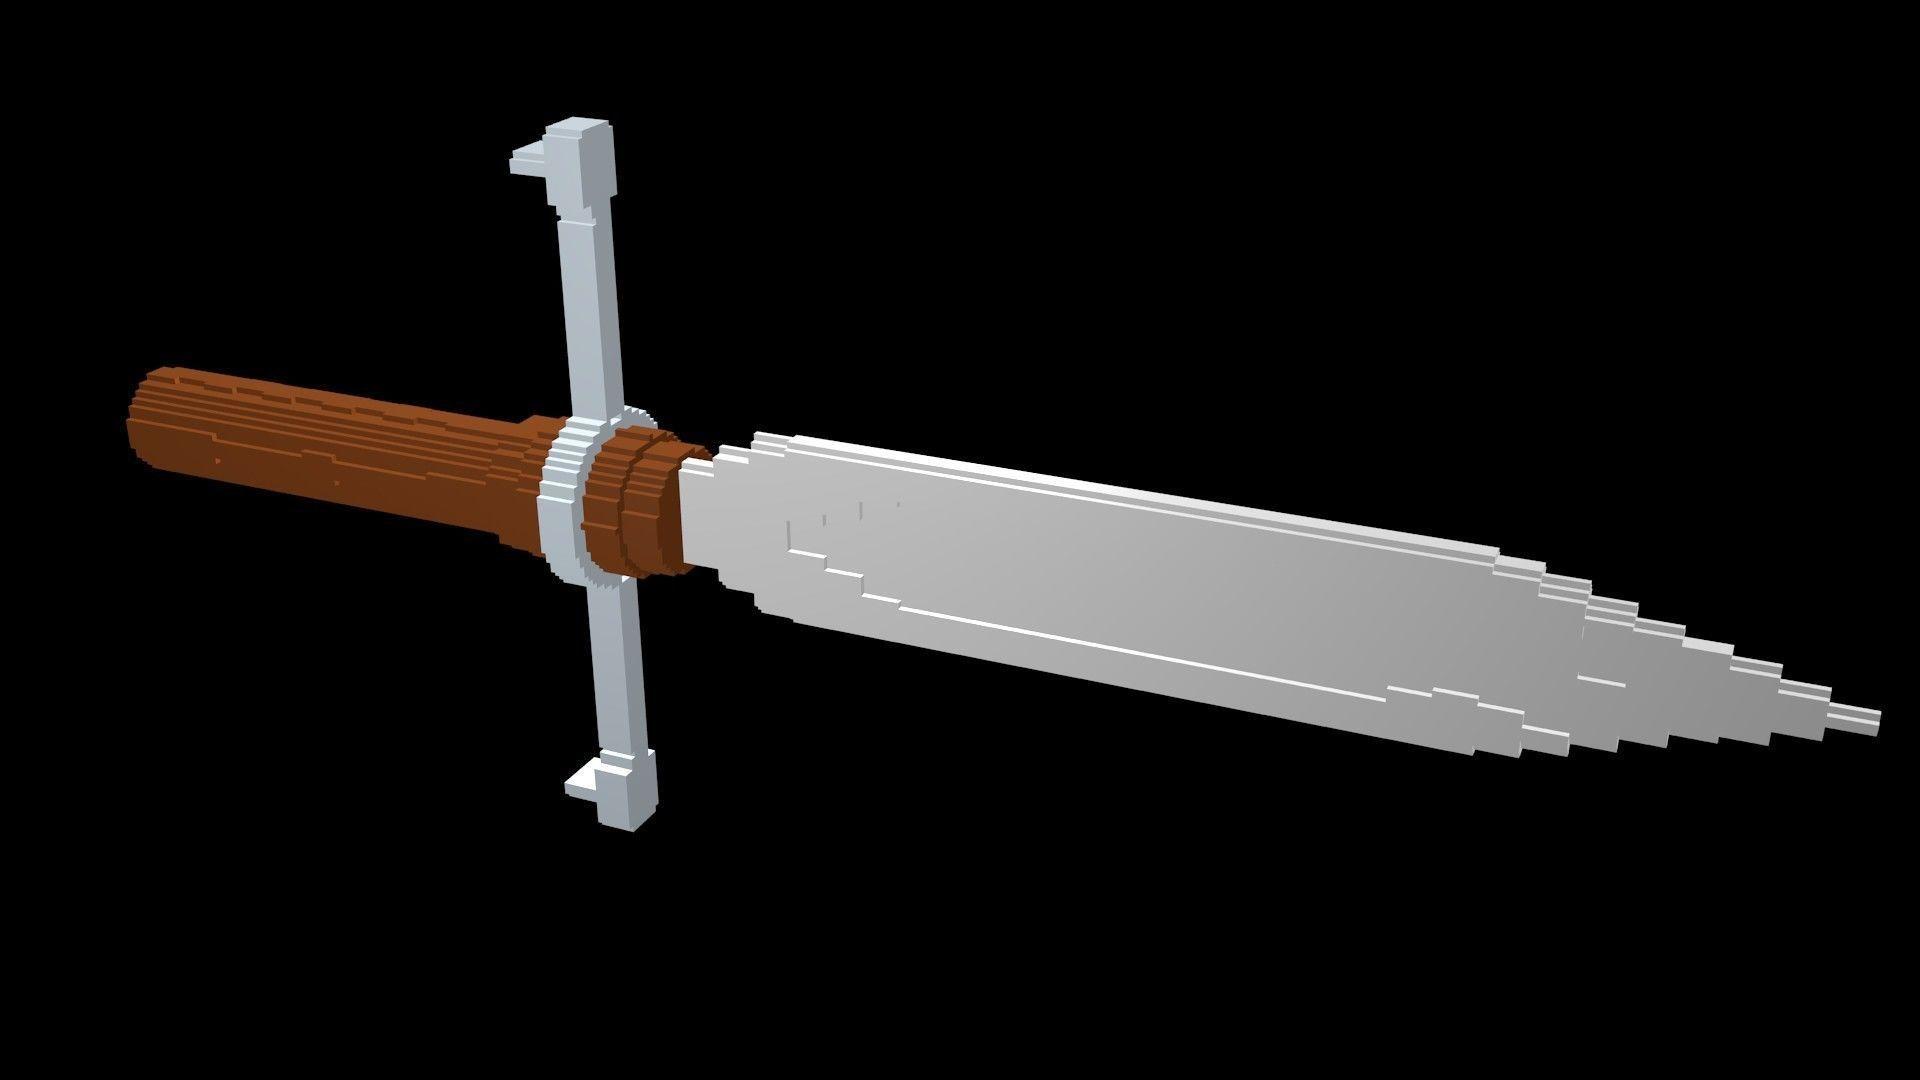 Dagger voxel